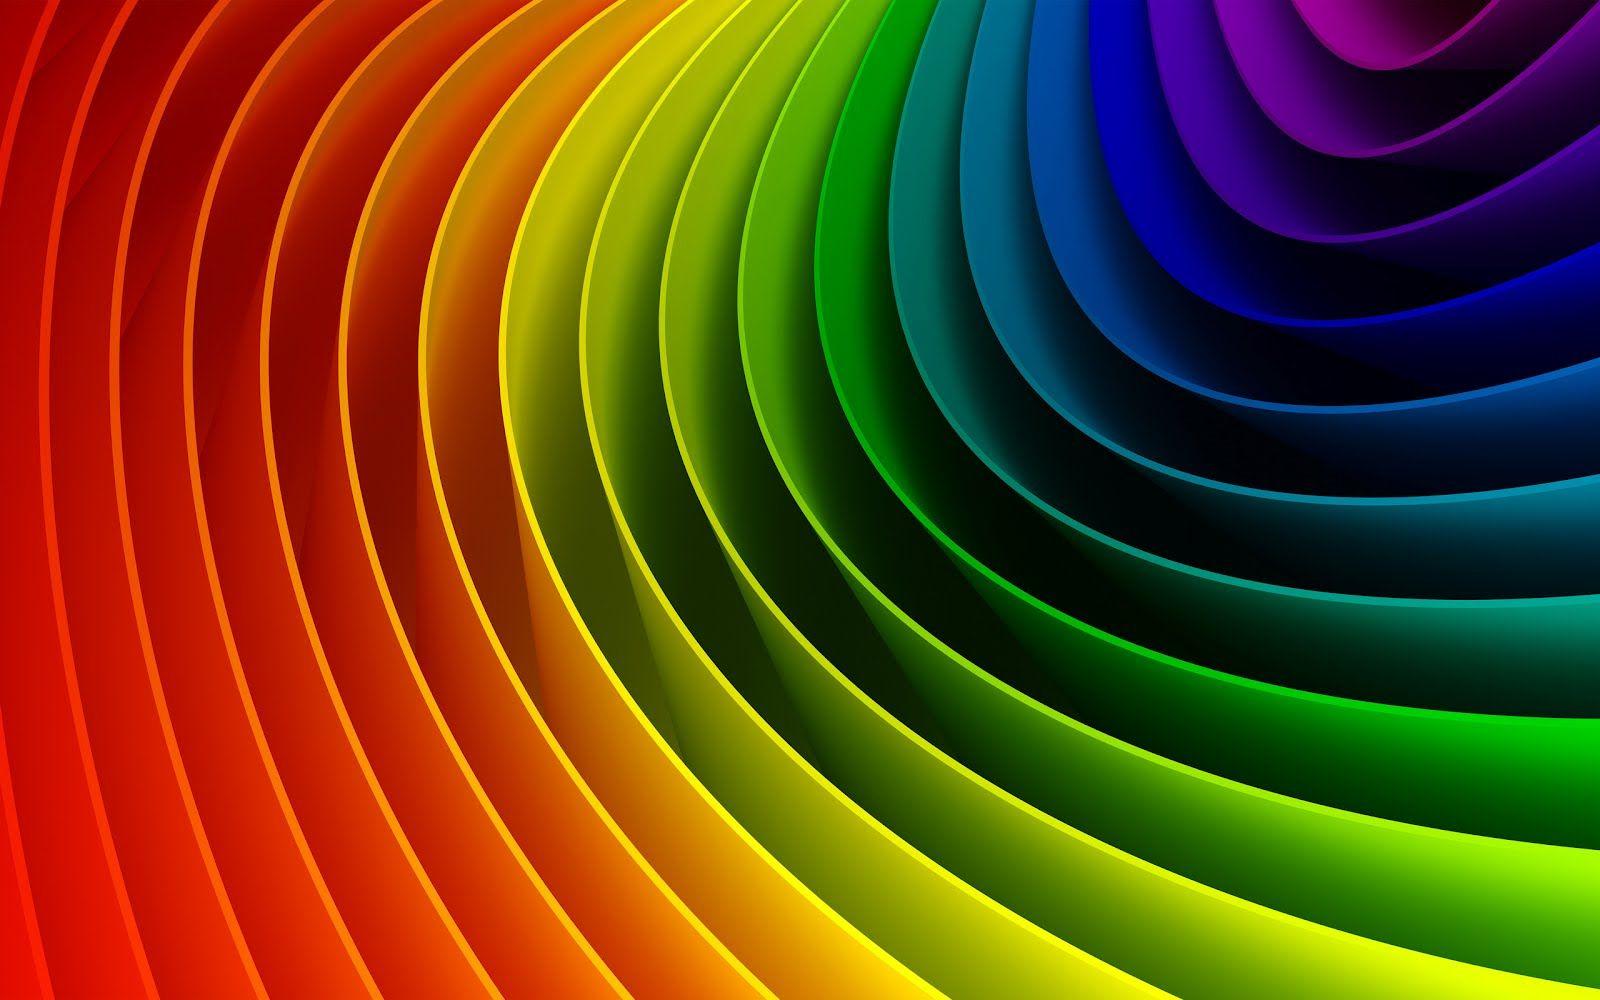 Colors Background Fondo De Pantalla Del Ordenador Portatil Fondos De Pantalla Hd Fondos De Colores